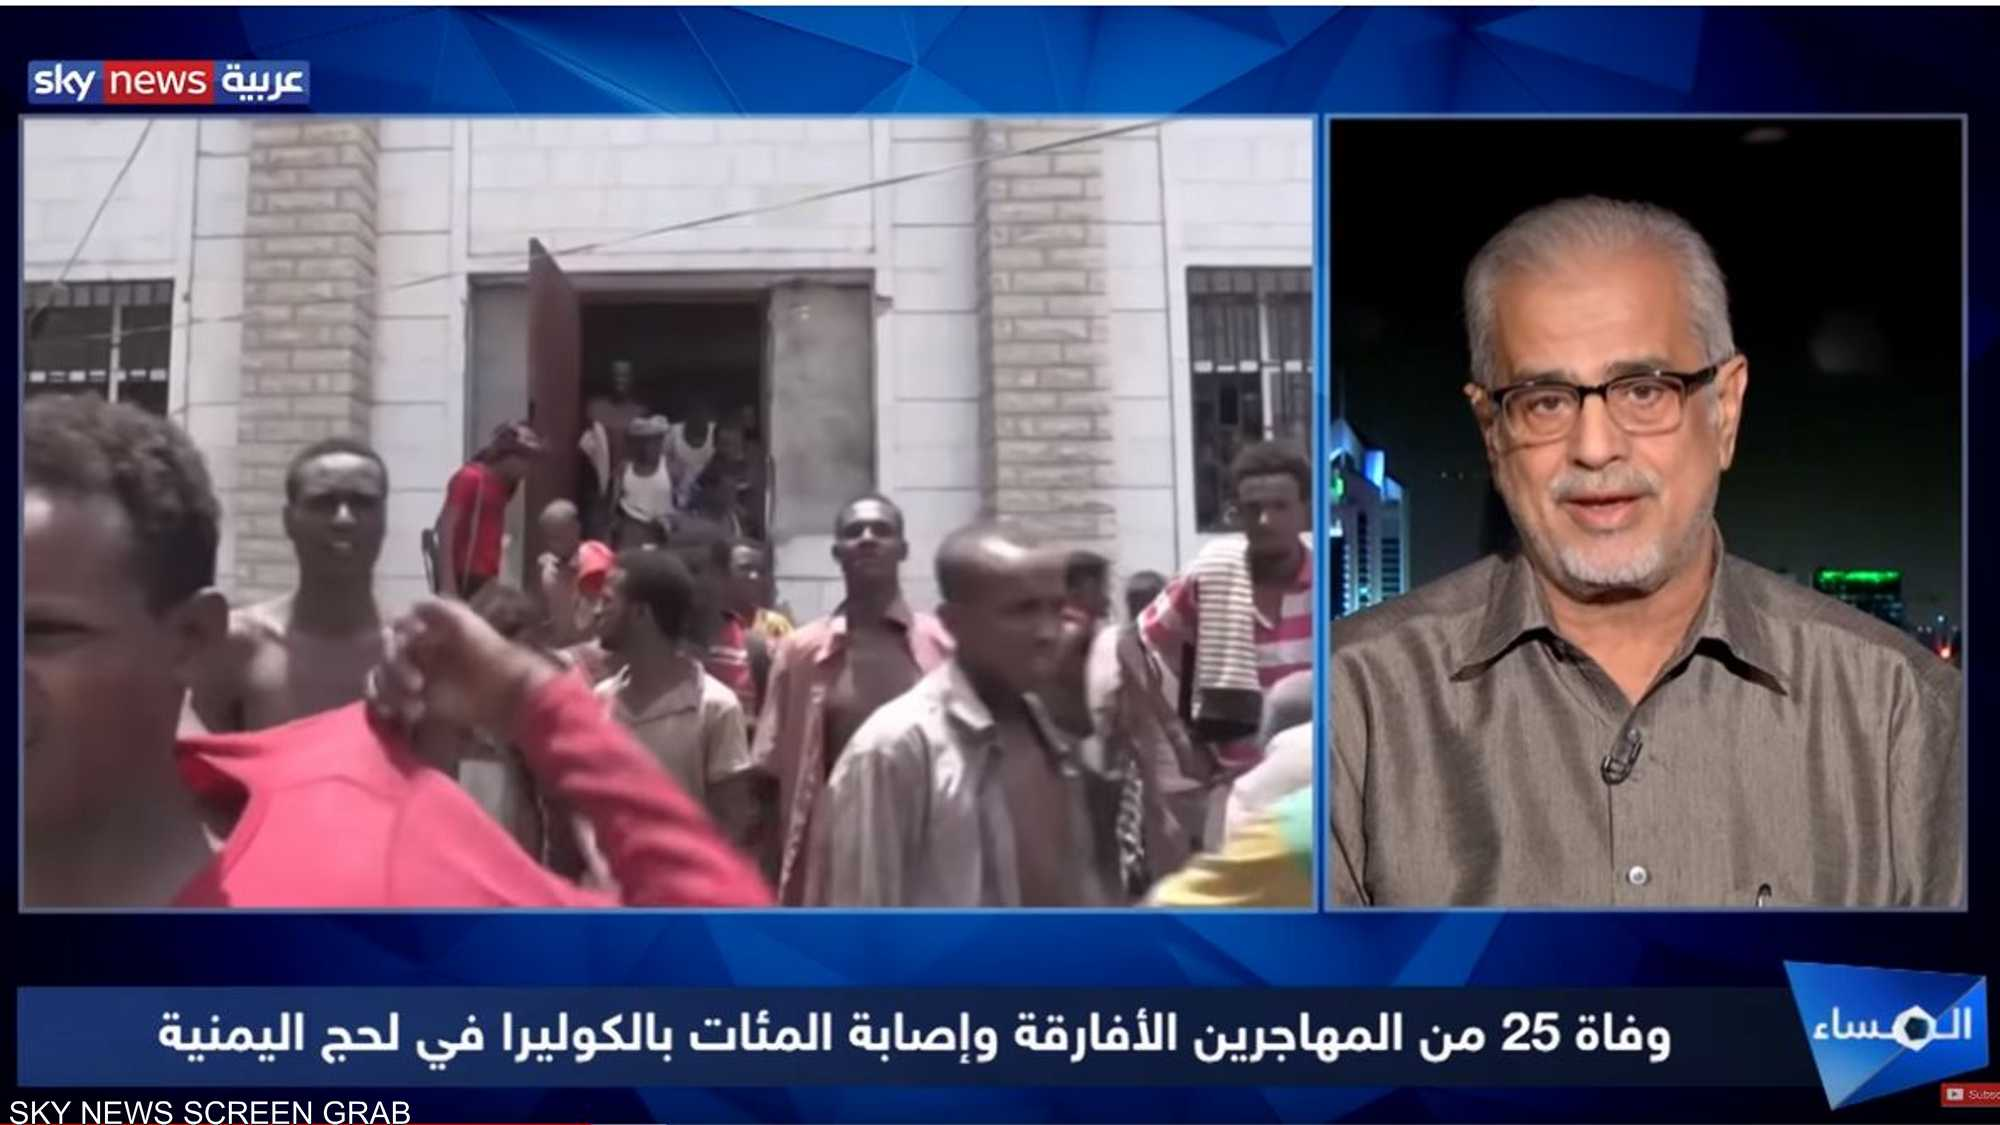 """مستشفى """"ابن خلدون"""" باليمن يوجه نداء استغاثة لإنقاذ المهاجرين"""